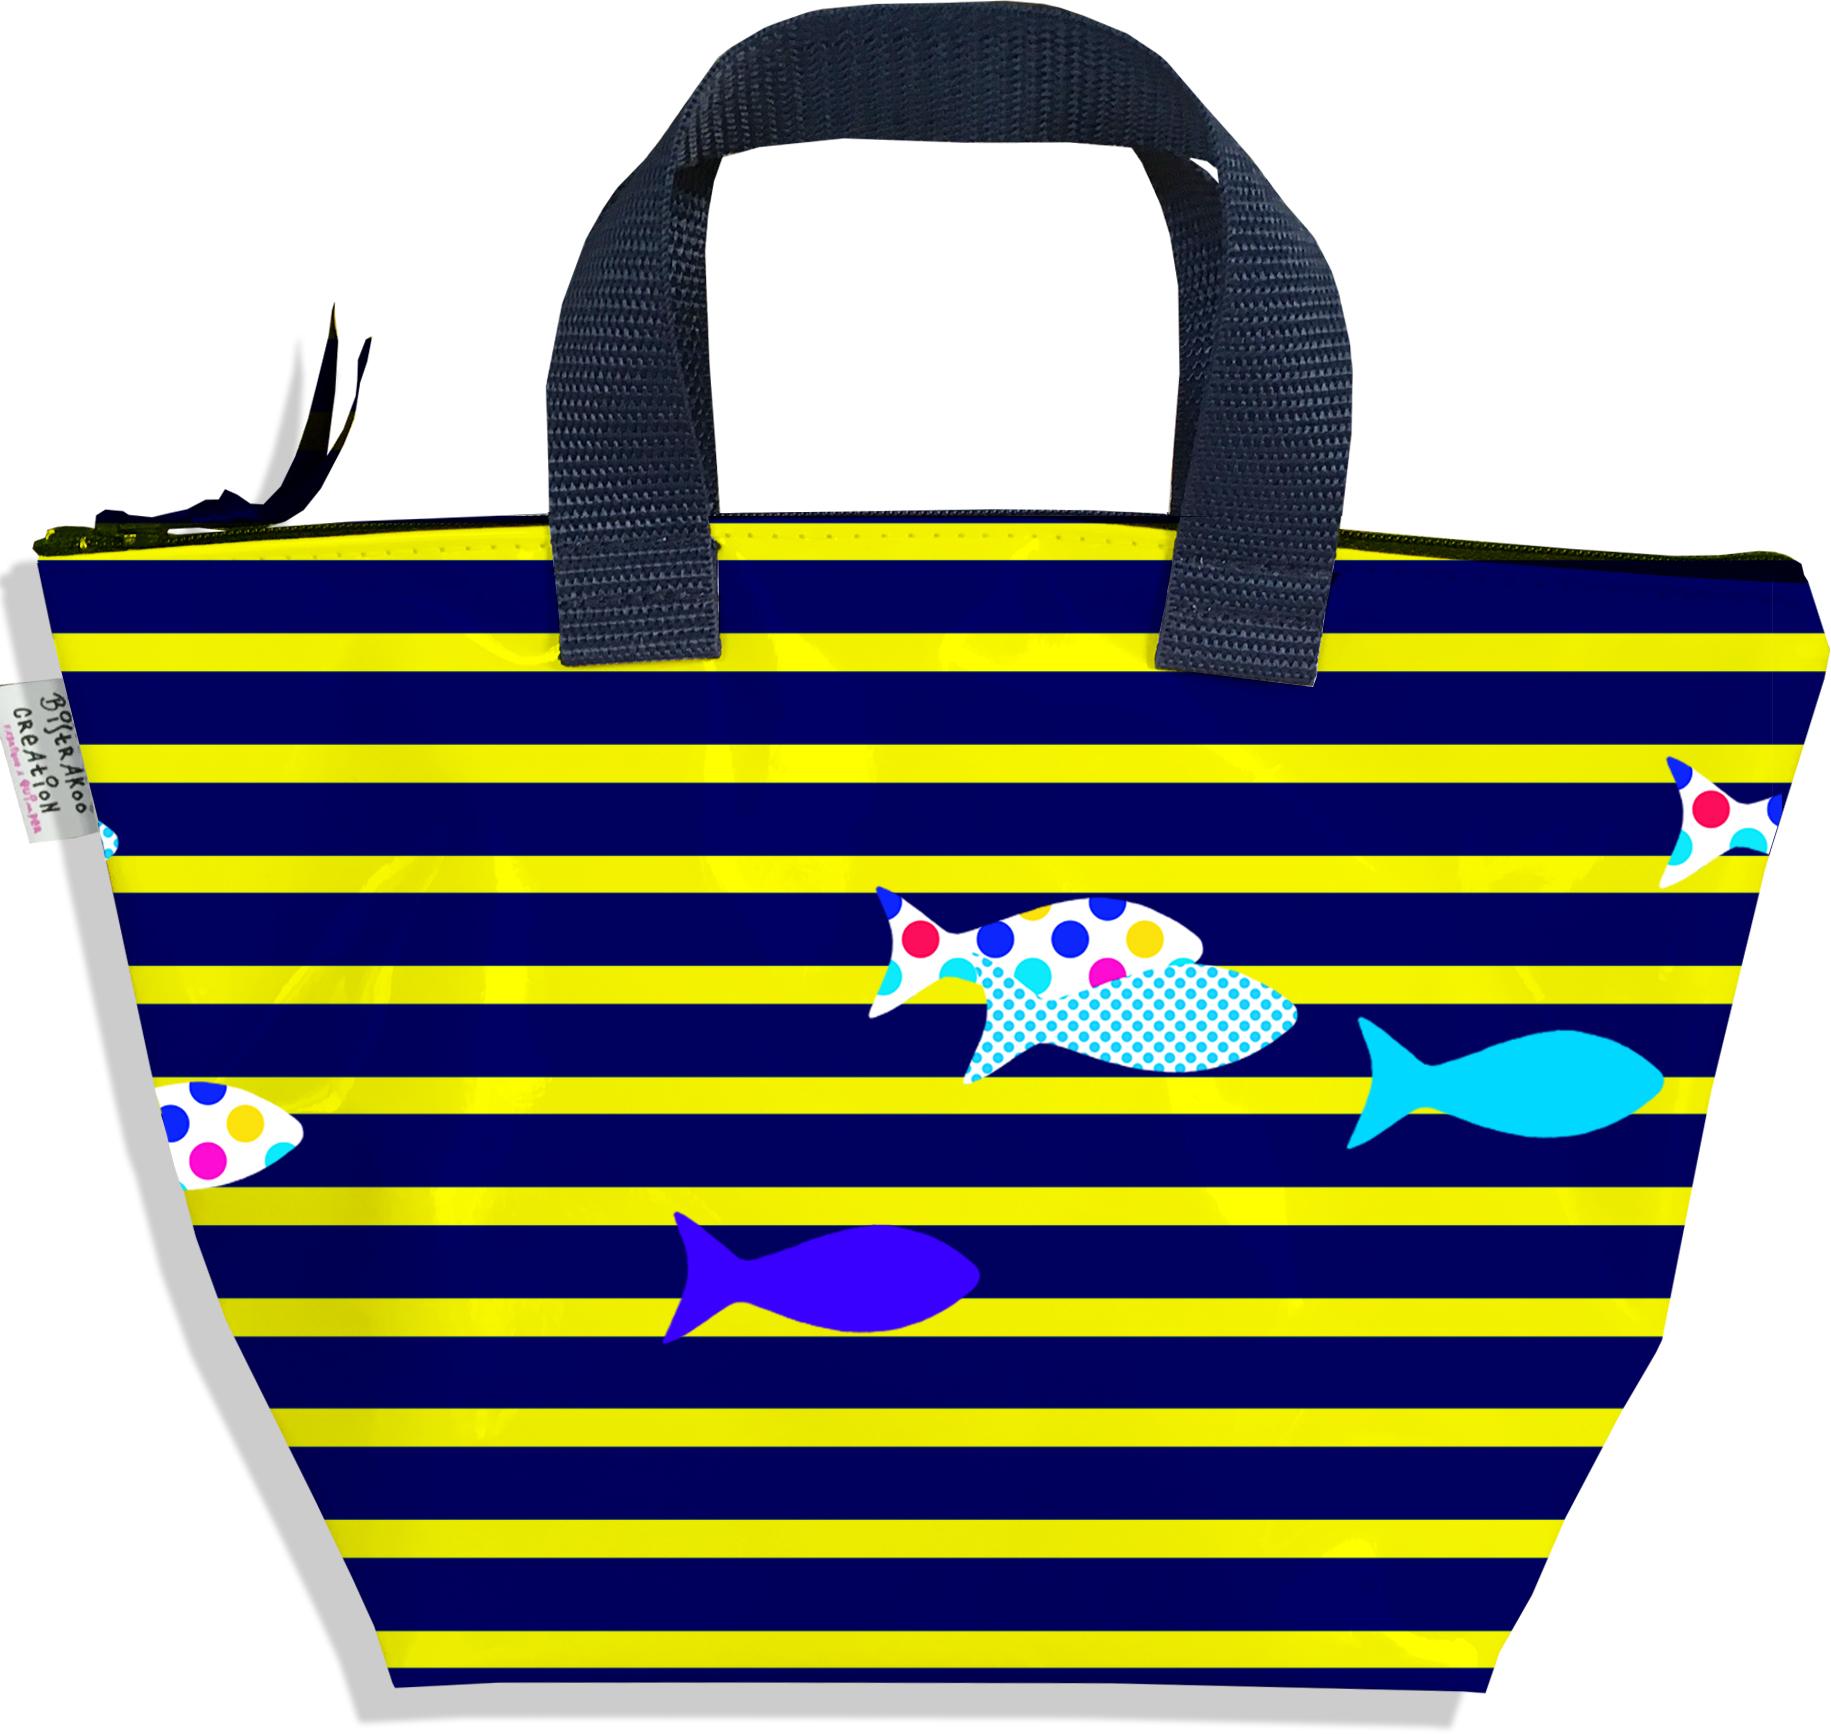 Sac à main zippé pour fille motif Marinière bleue et jaune poissons multicolores 2433-2016